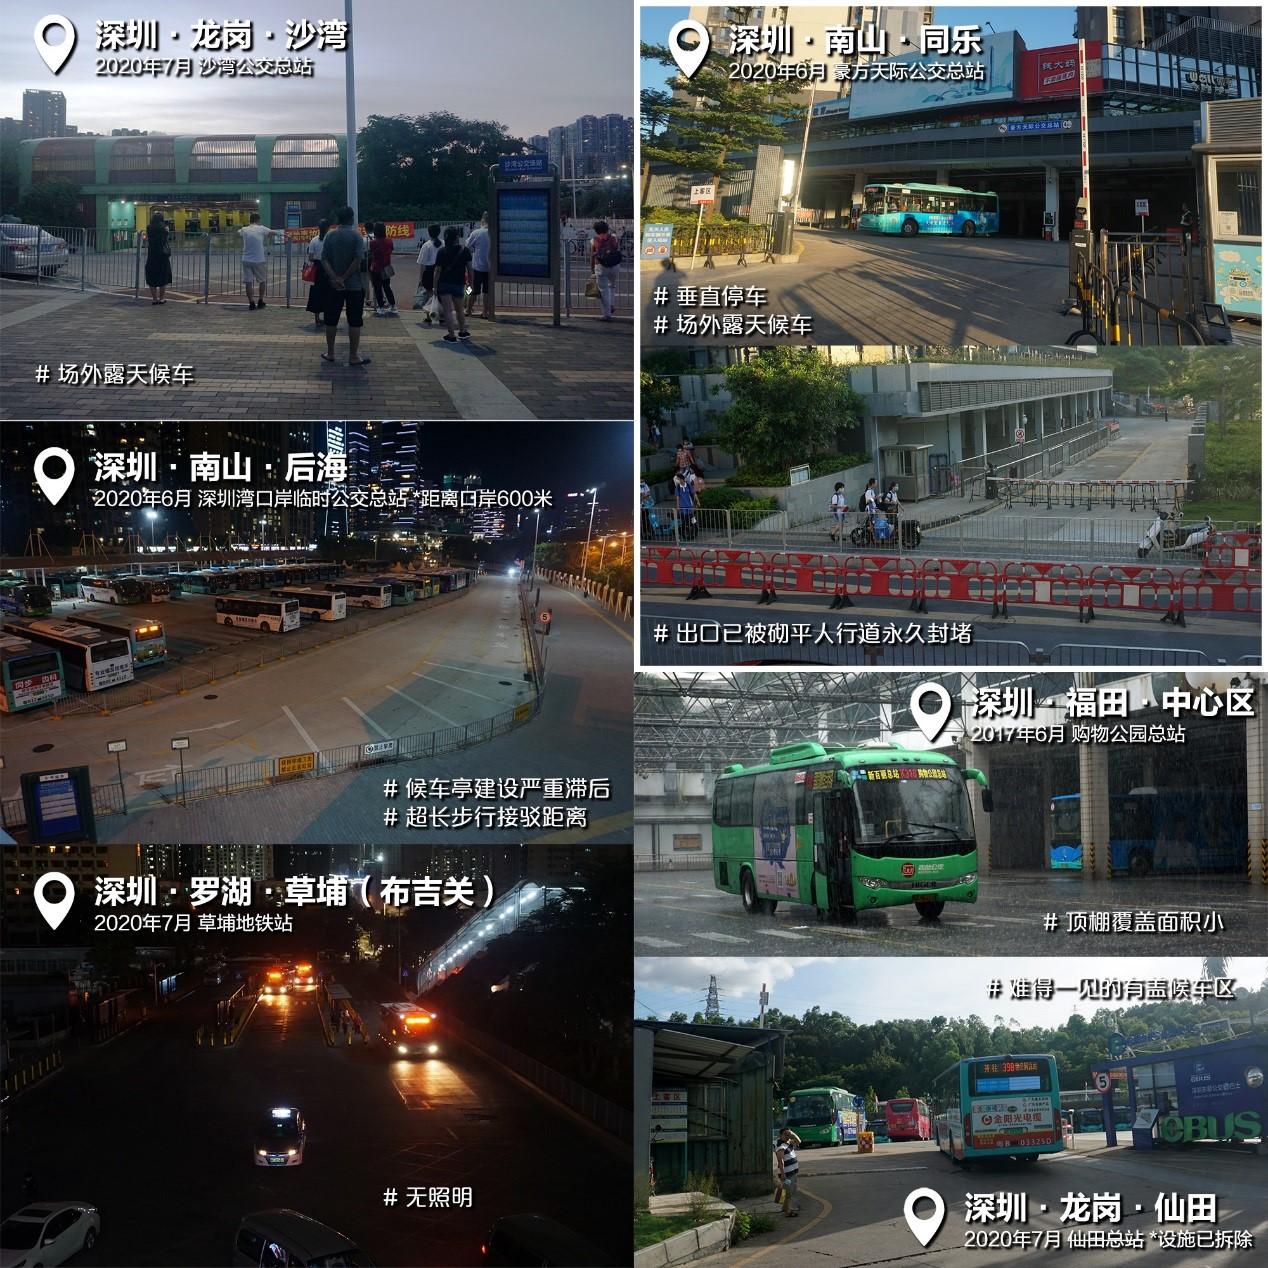 恶劣的候车环境也常见于深圳公交场站。因管理方不准乘客进入场内,往往是,车辆和充电桩享受顶棚呵护,乘客要在站外日晒雨淋苦站多时。